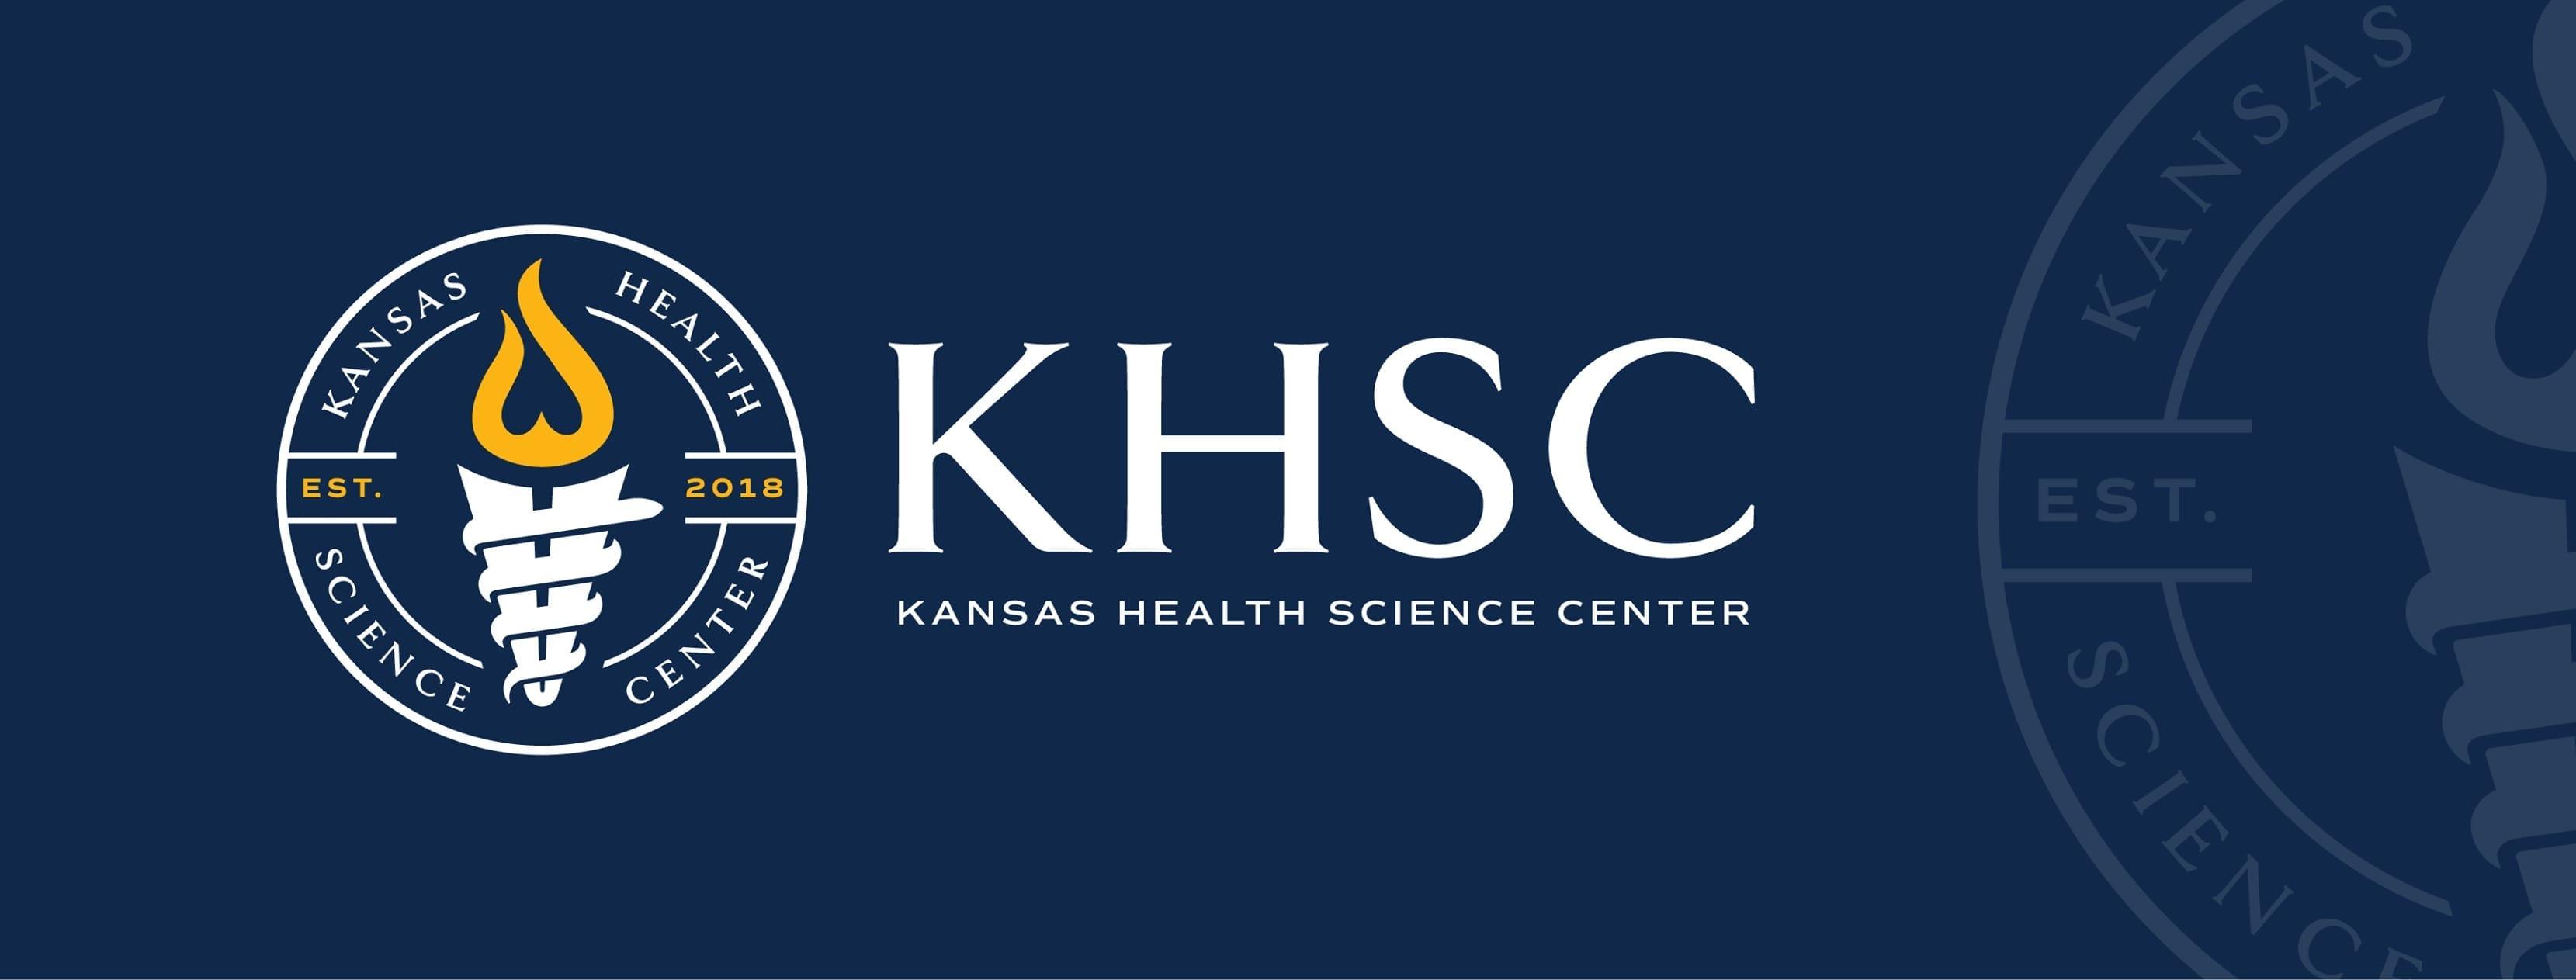 KHSC logo lockup